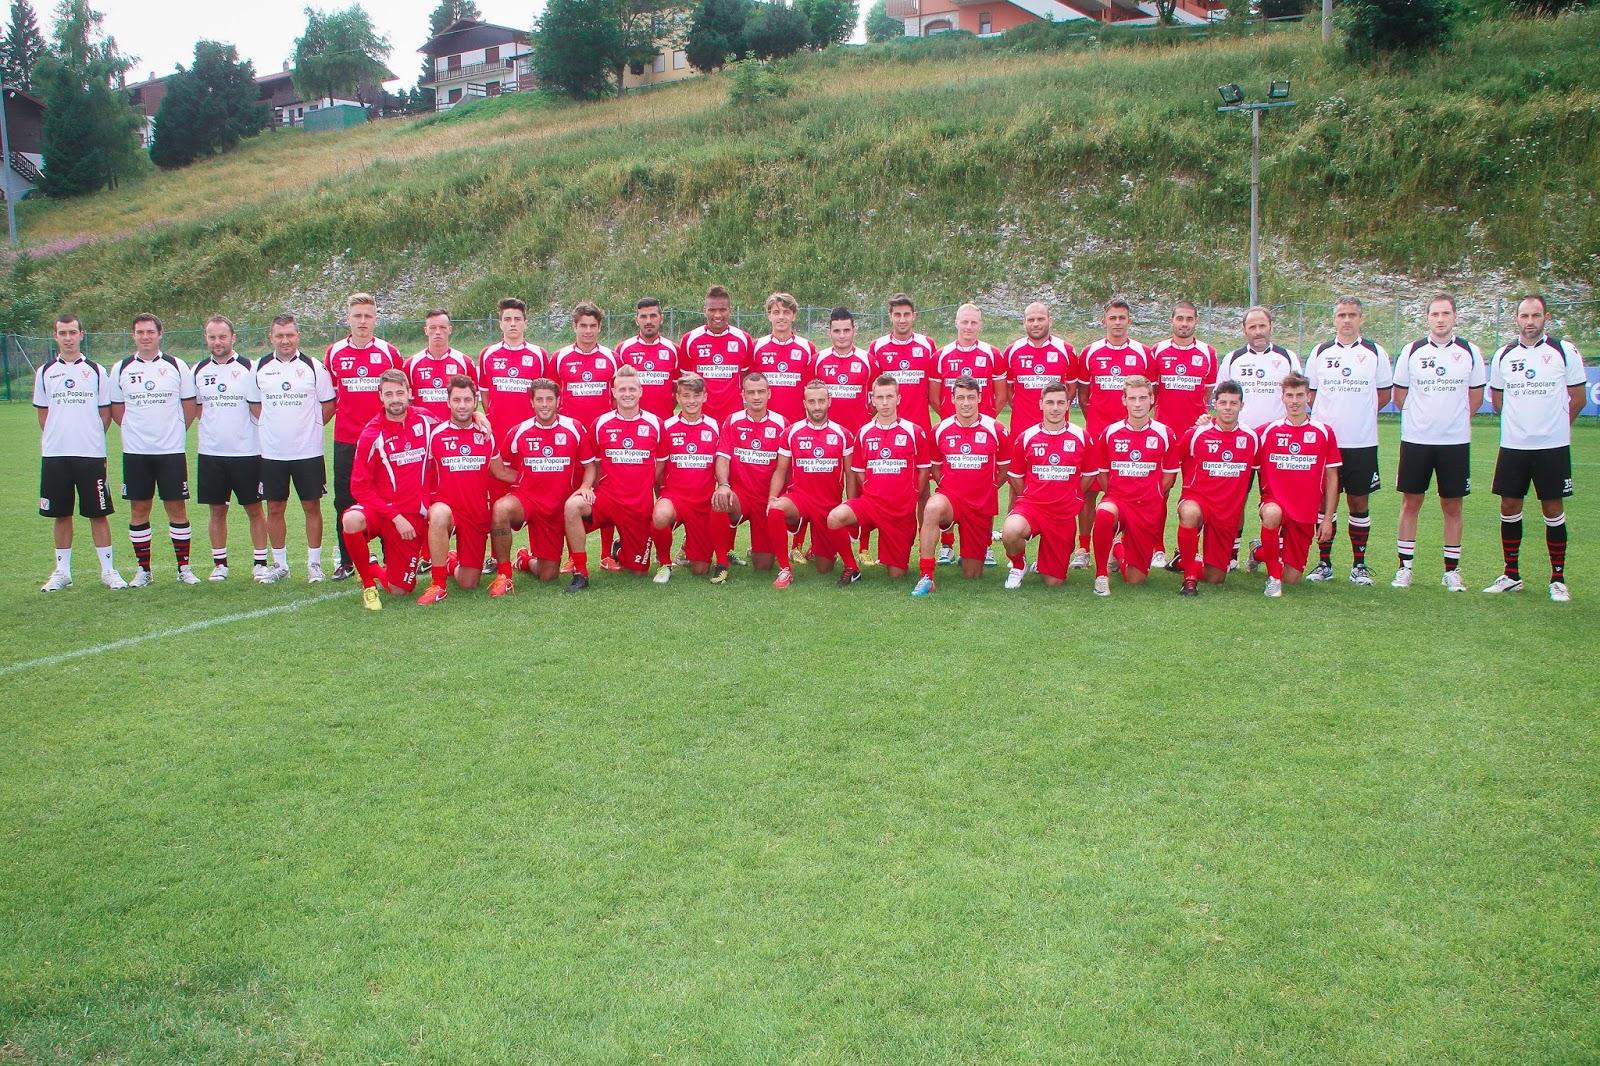 parrocchia tavernelle vicenza calcio - photo#31